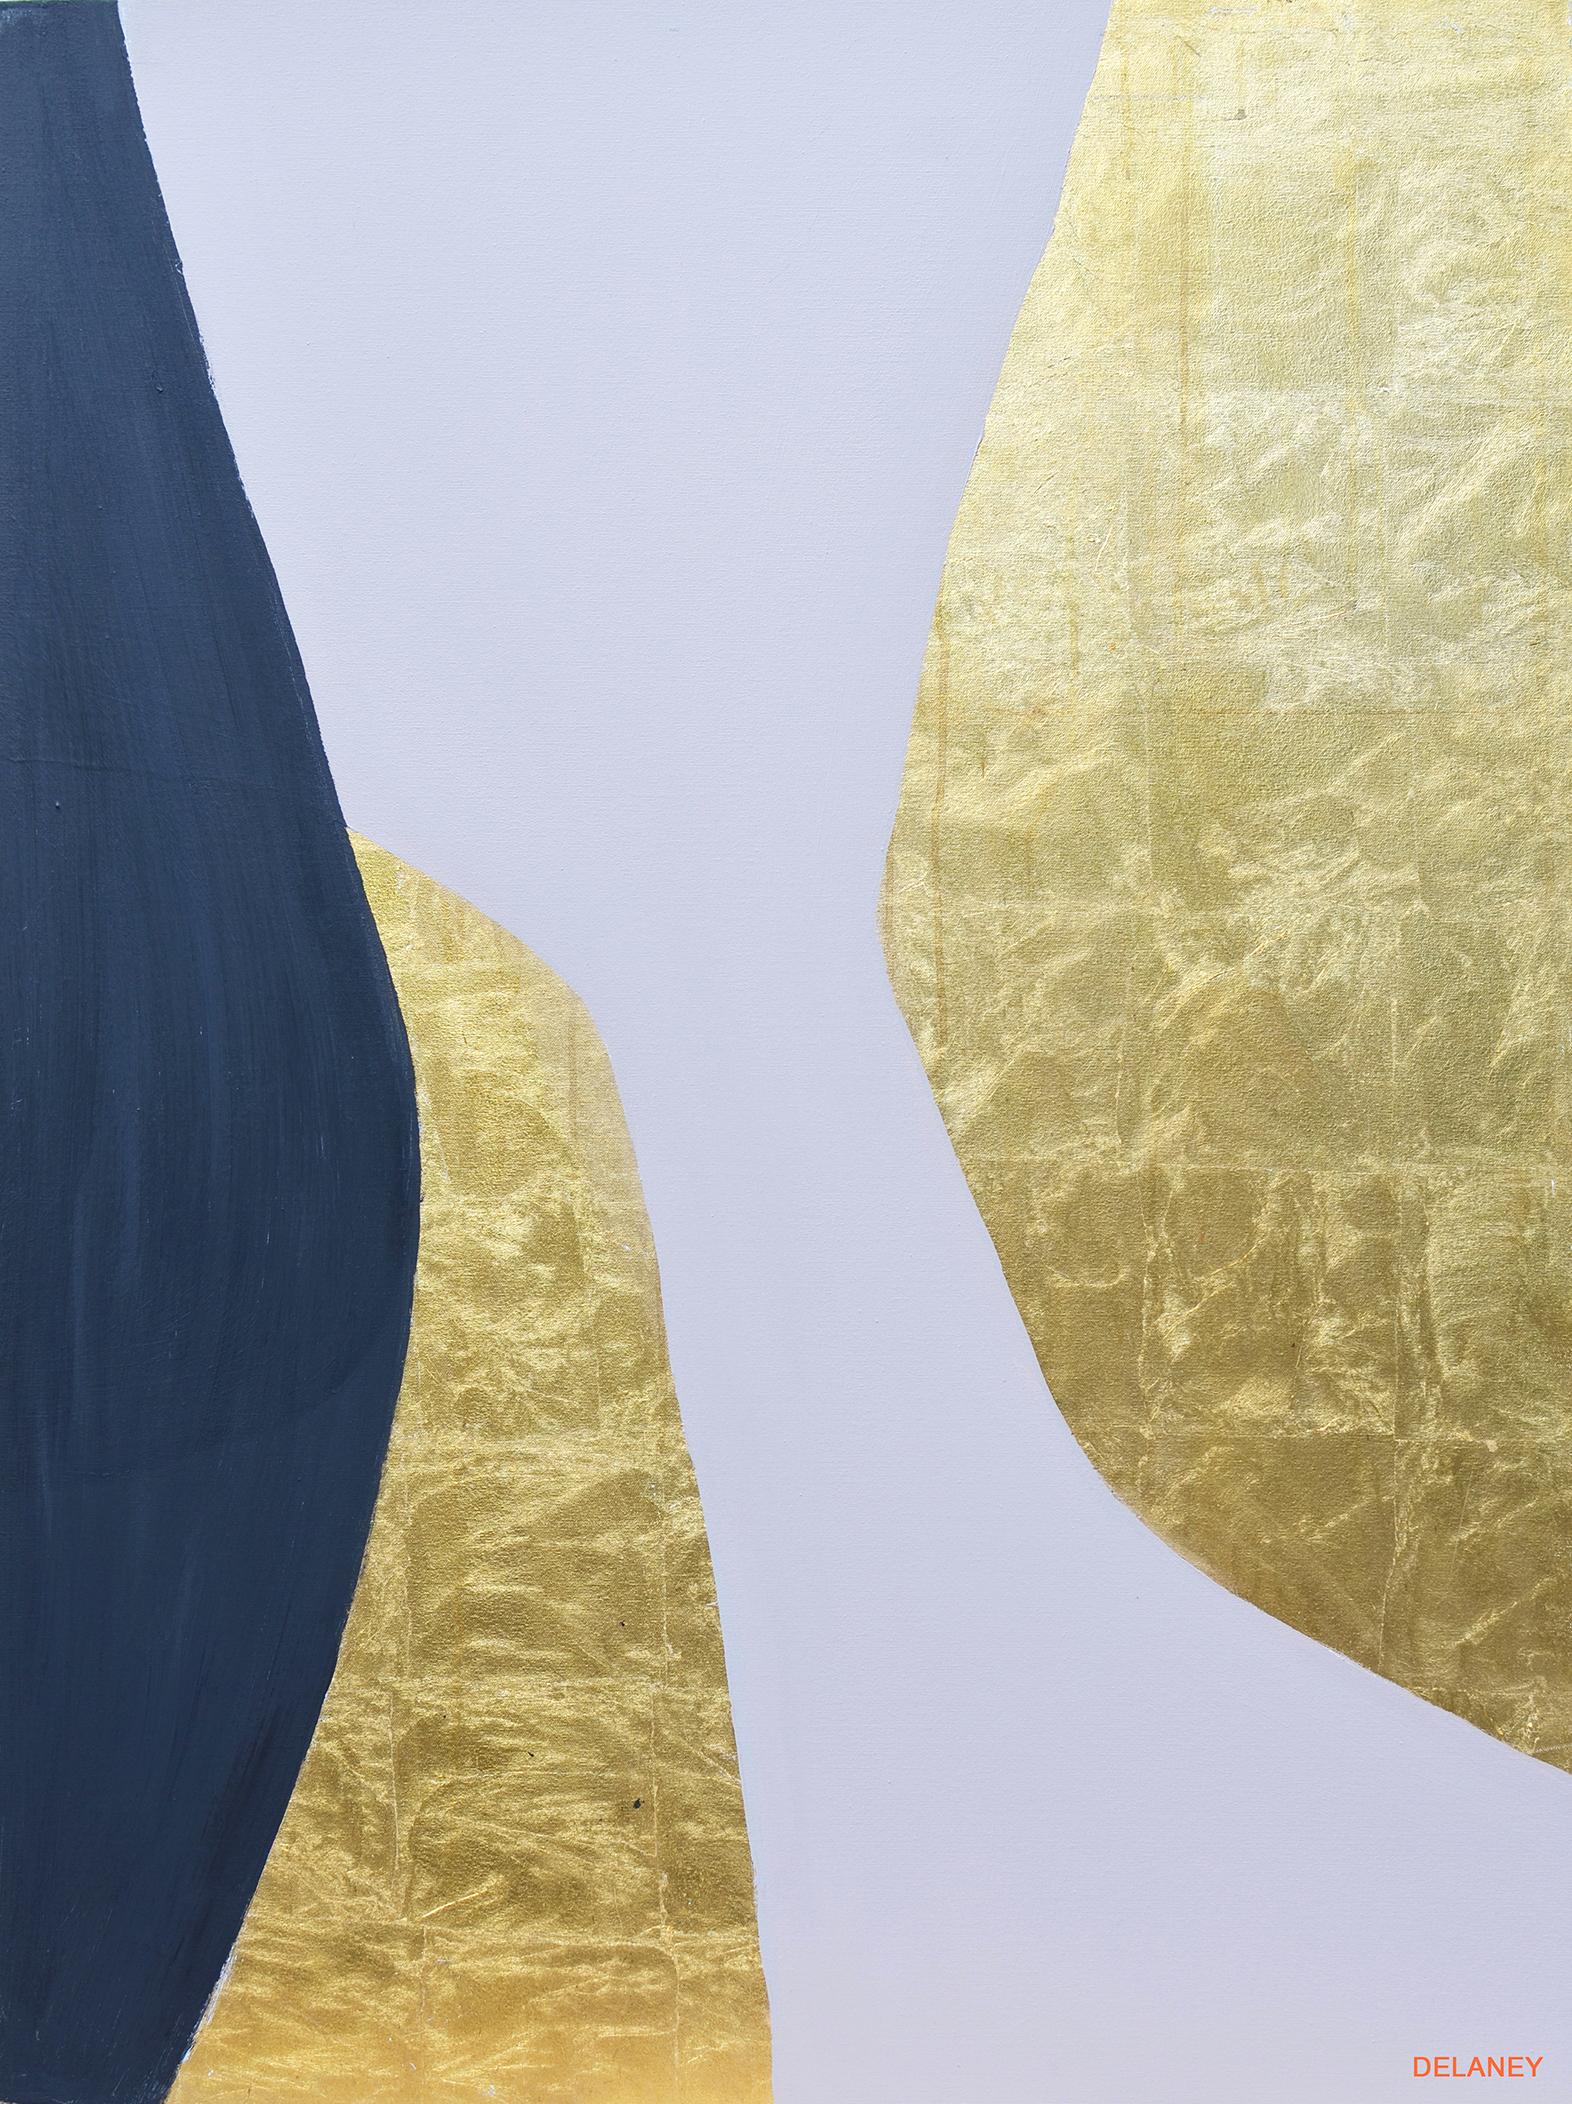 Grey Triptych #1  Gold leaf and acrylic on canvas (122x91cm)